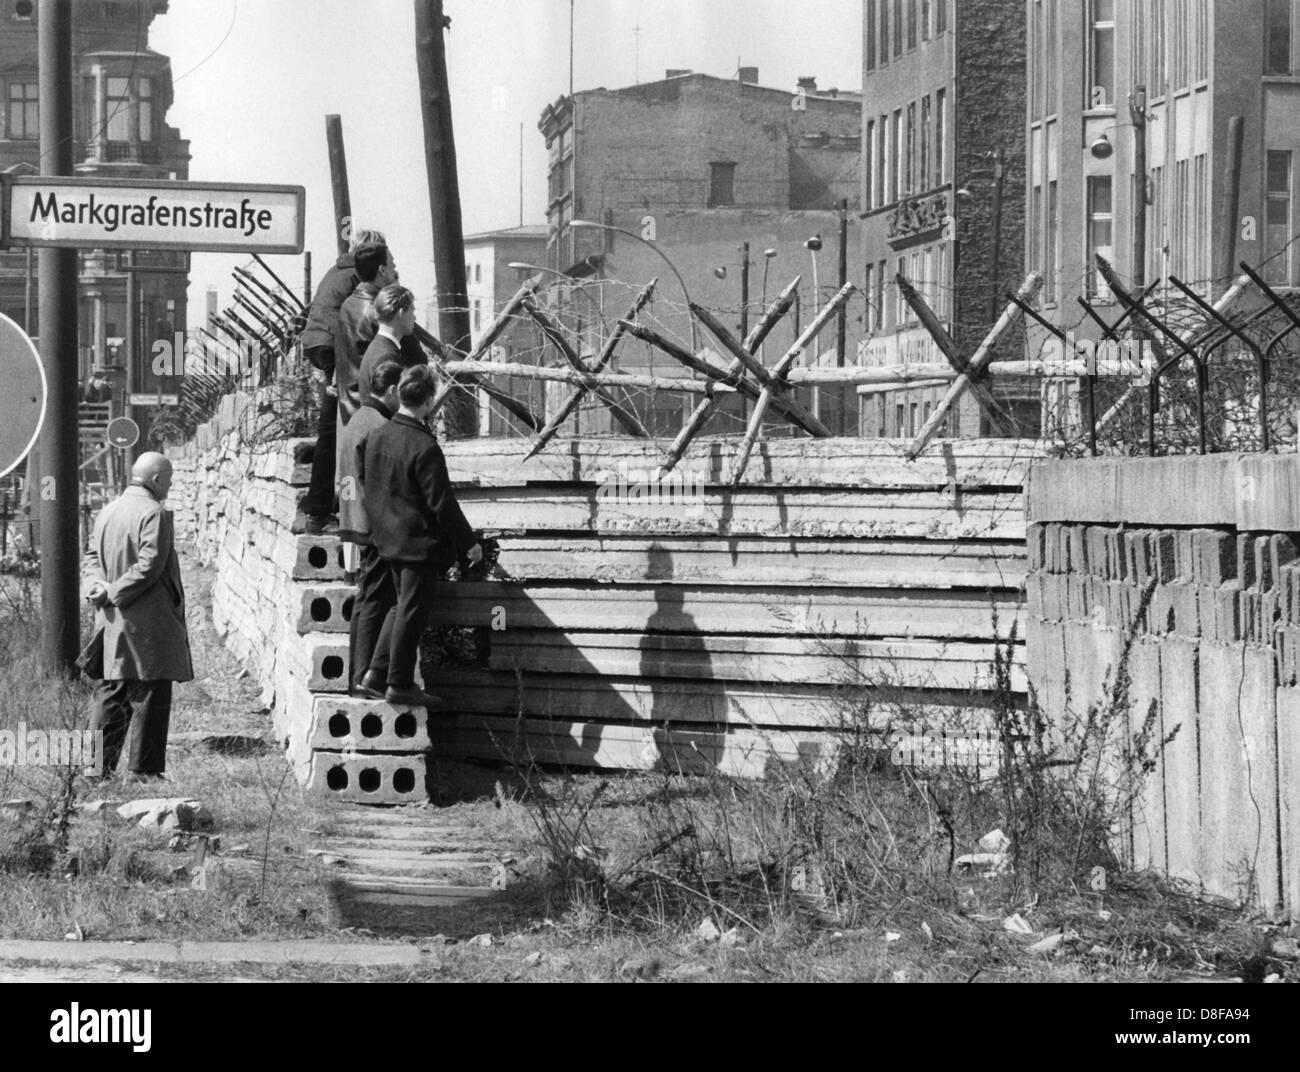 Westberliner Männer werfen am 17.04.1964 einen Blick über die im Bau befindliche vorverlegte Mauer an der Markgrafenstraße in Berlin. Am frühen Sonntagmorgen des 13. August 1961 wurde unter der Aufsicht von bewaffneten Streitkräften der DDR mit der Errichtung von Straßensperren aus Stacheldraht und dem Bau einer Mauer begonnen, um den Ostteil Berlins vom Westteil abzusperren. Die Mauer sollte den ständig steigenden Flüchtlingsstrom von Ost- nach West-Berlin stoppen. +++(c) dpa - Report+++ Stock Photo